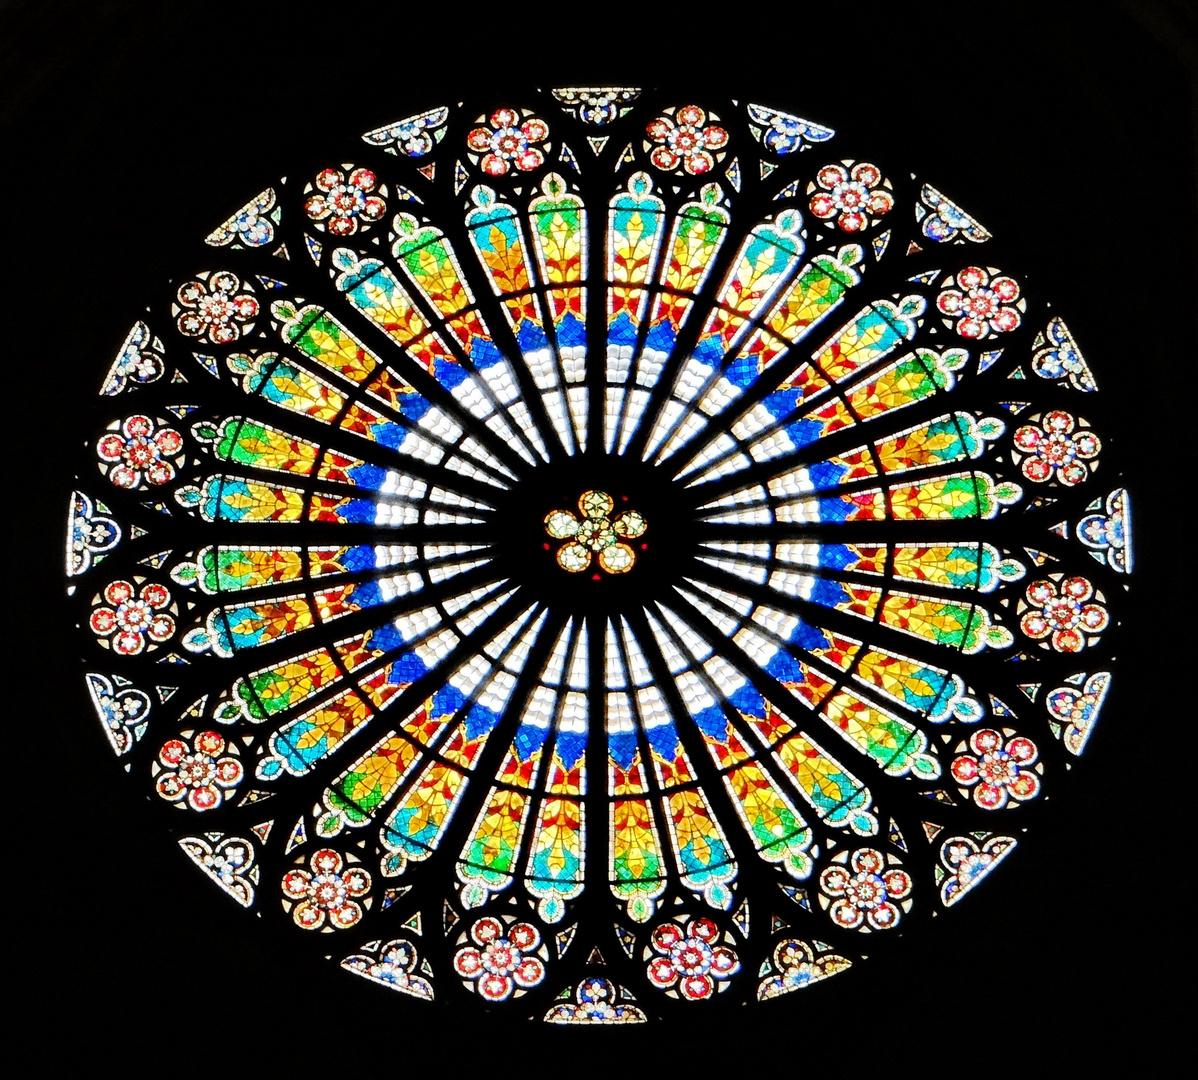 Fenster im Dom zu Strasbourg